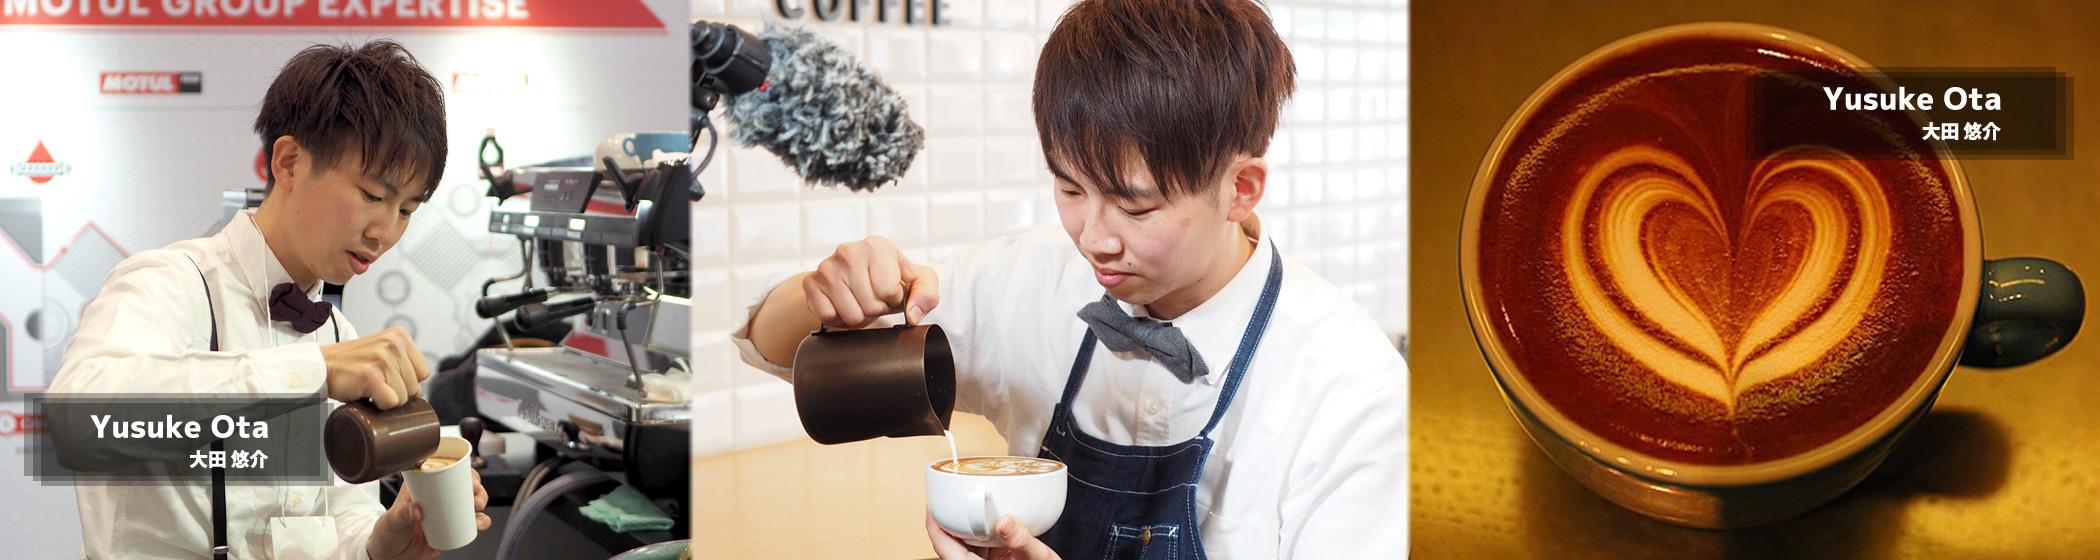 yusuke-ota1